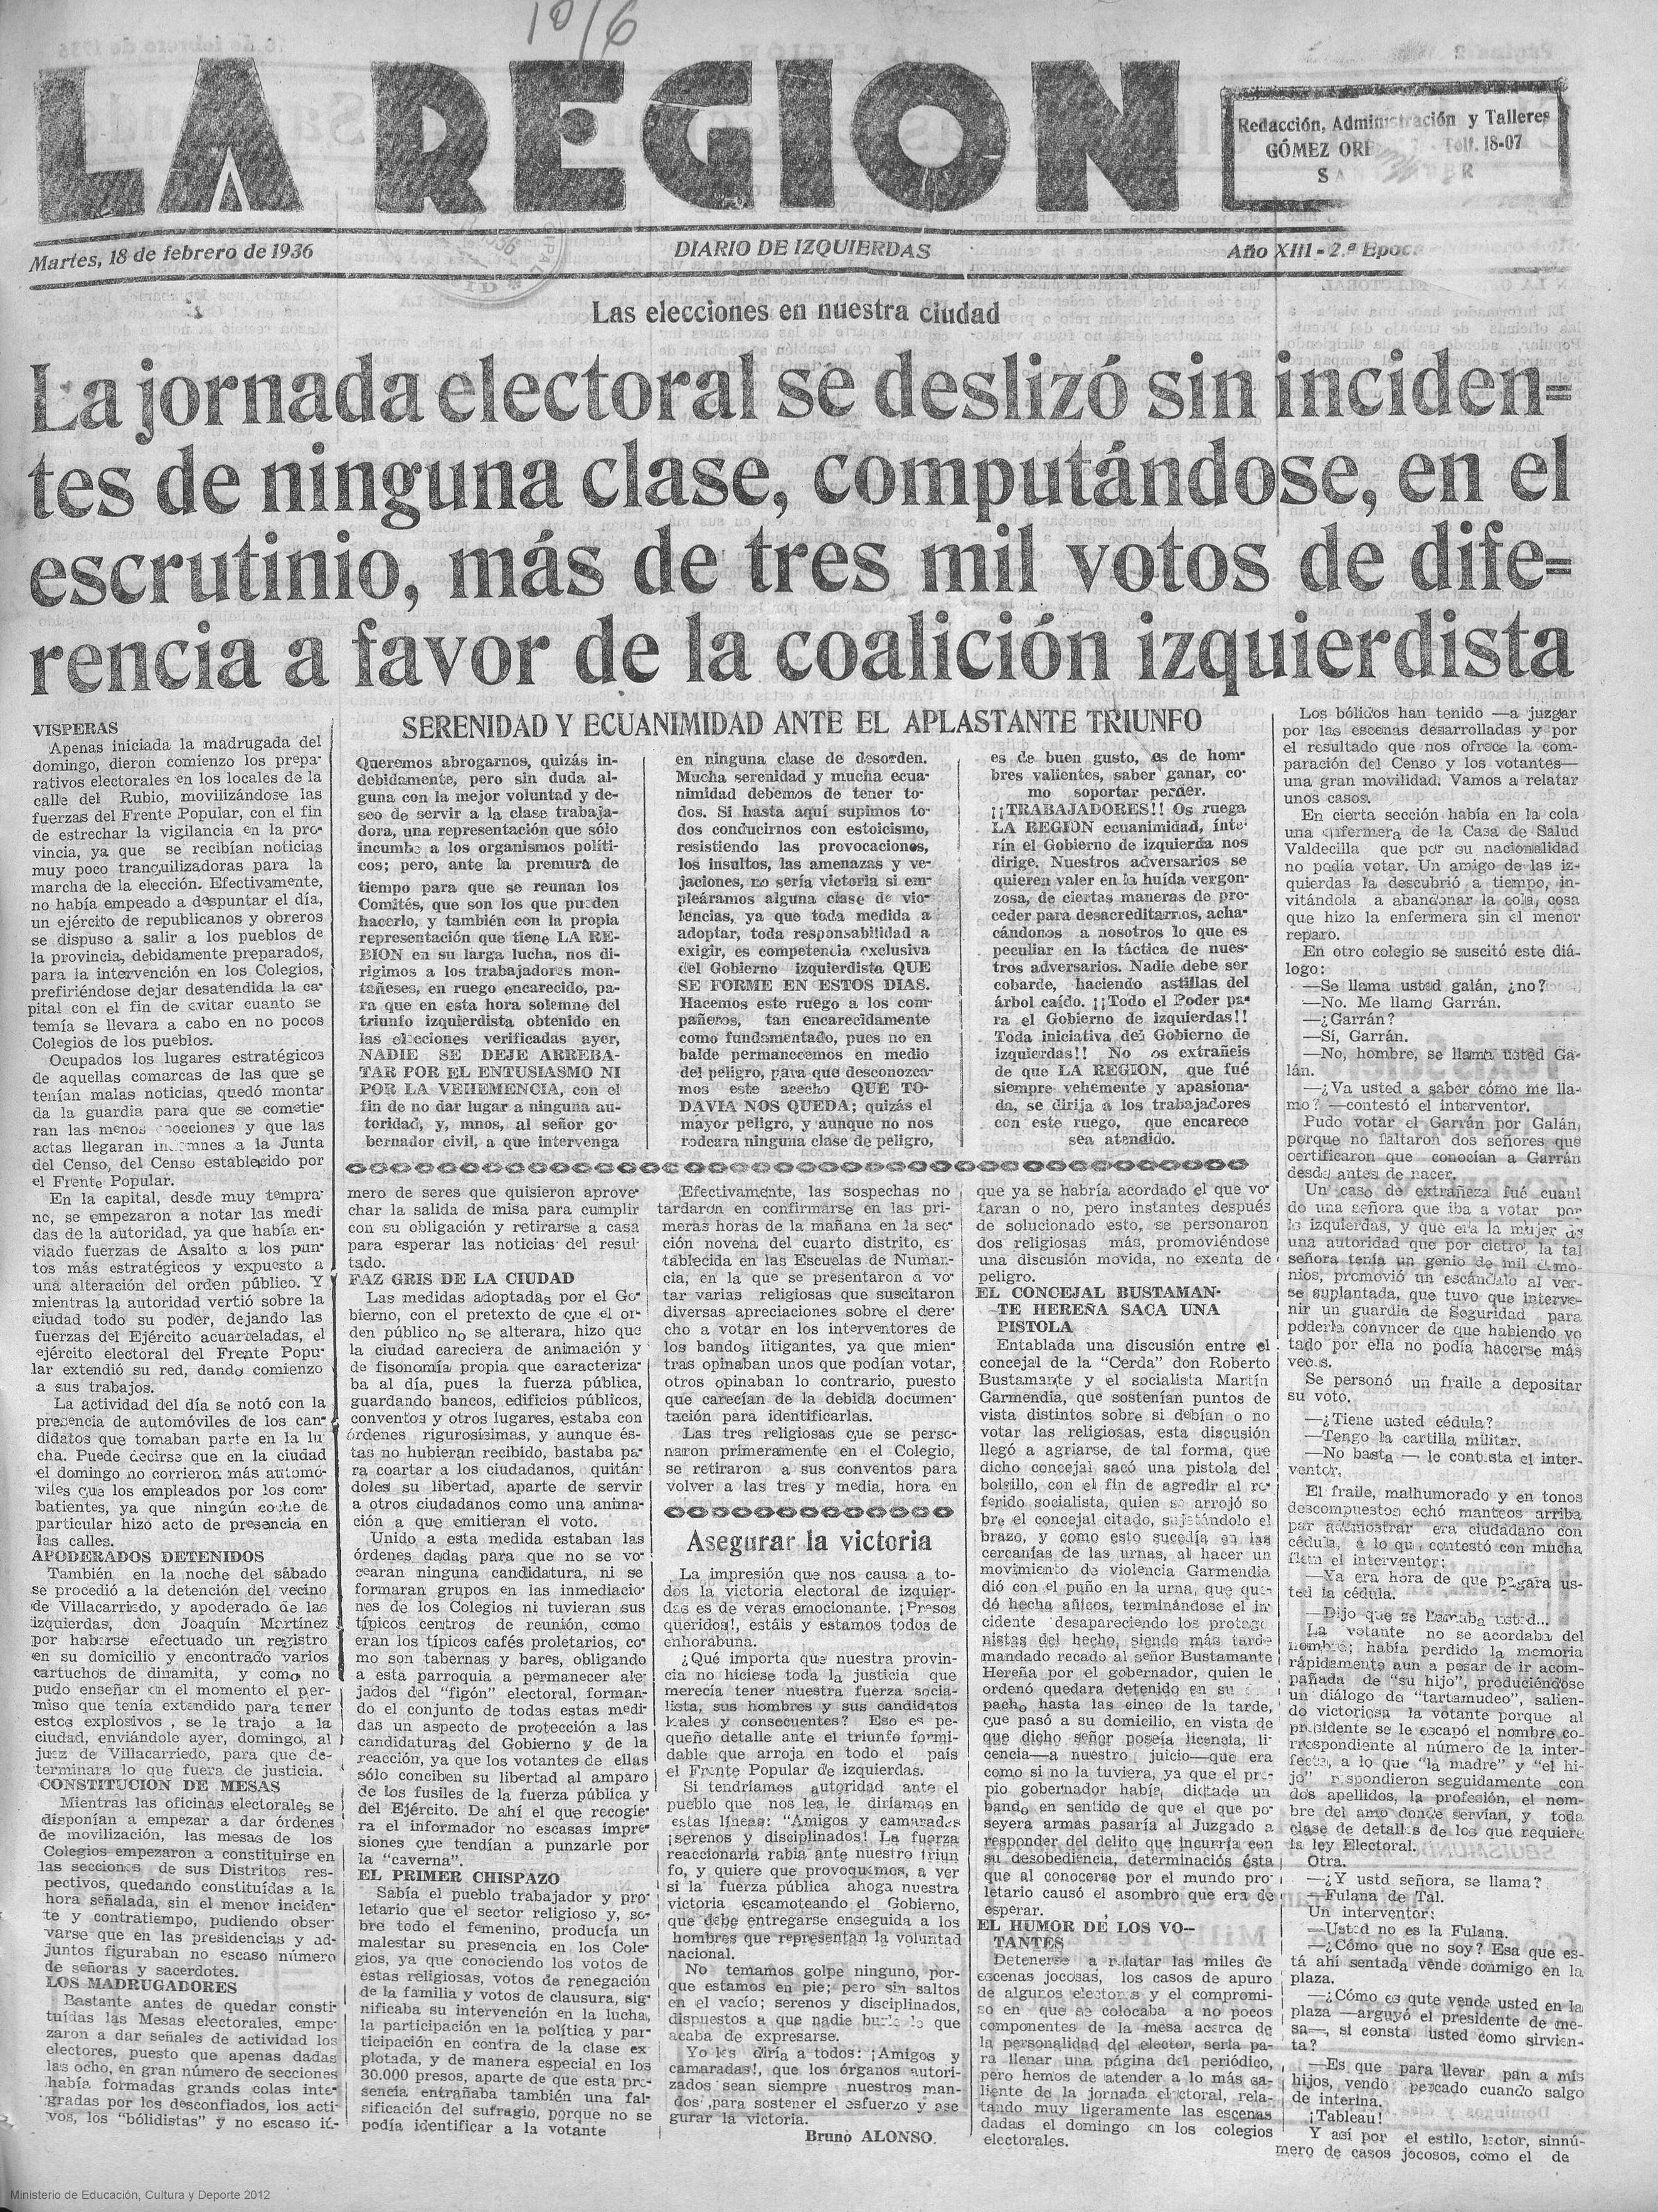 18.2.1936. El diario izquierdista La Región de Santander da por victorioso al Frente Popular.